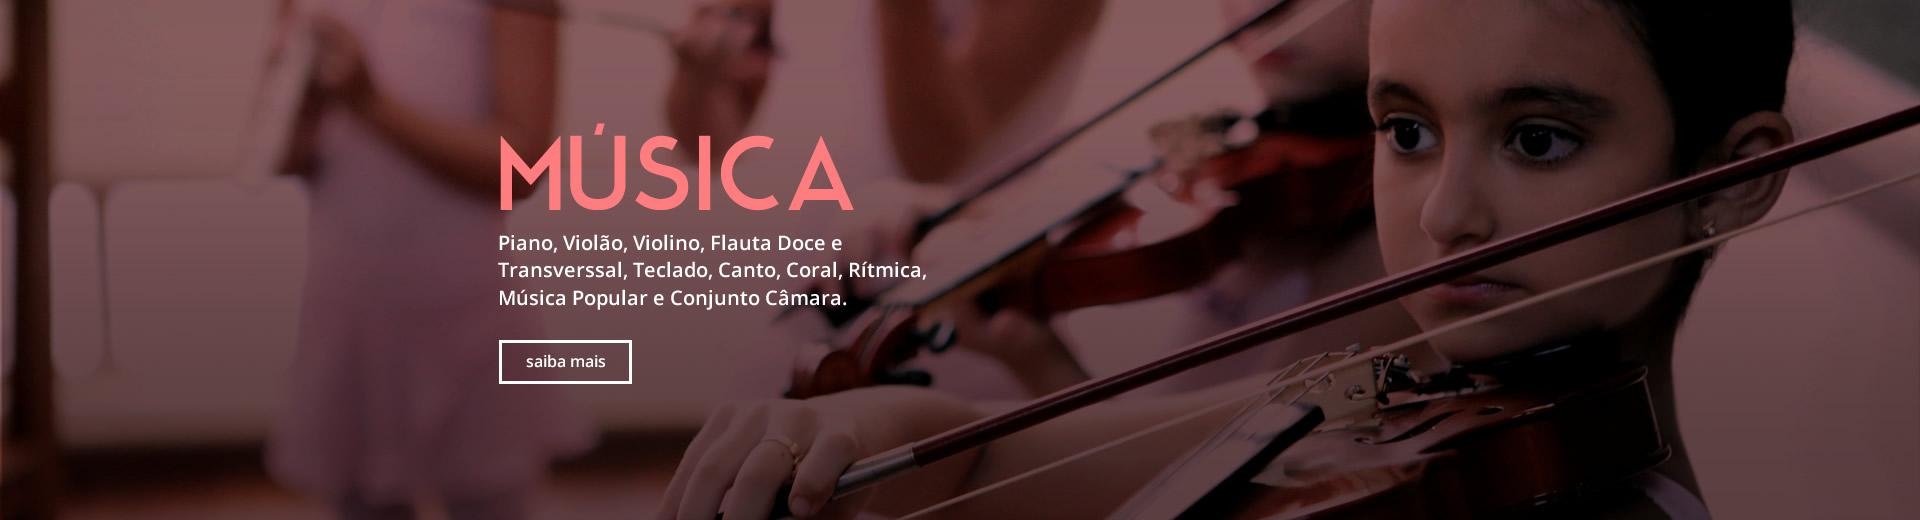 slide-musica-1213169-191911618.jpg